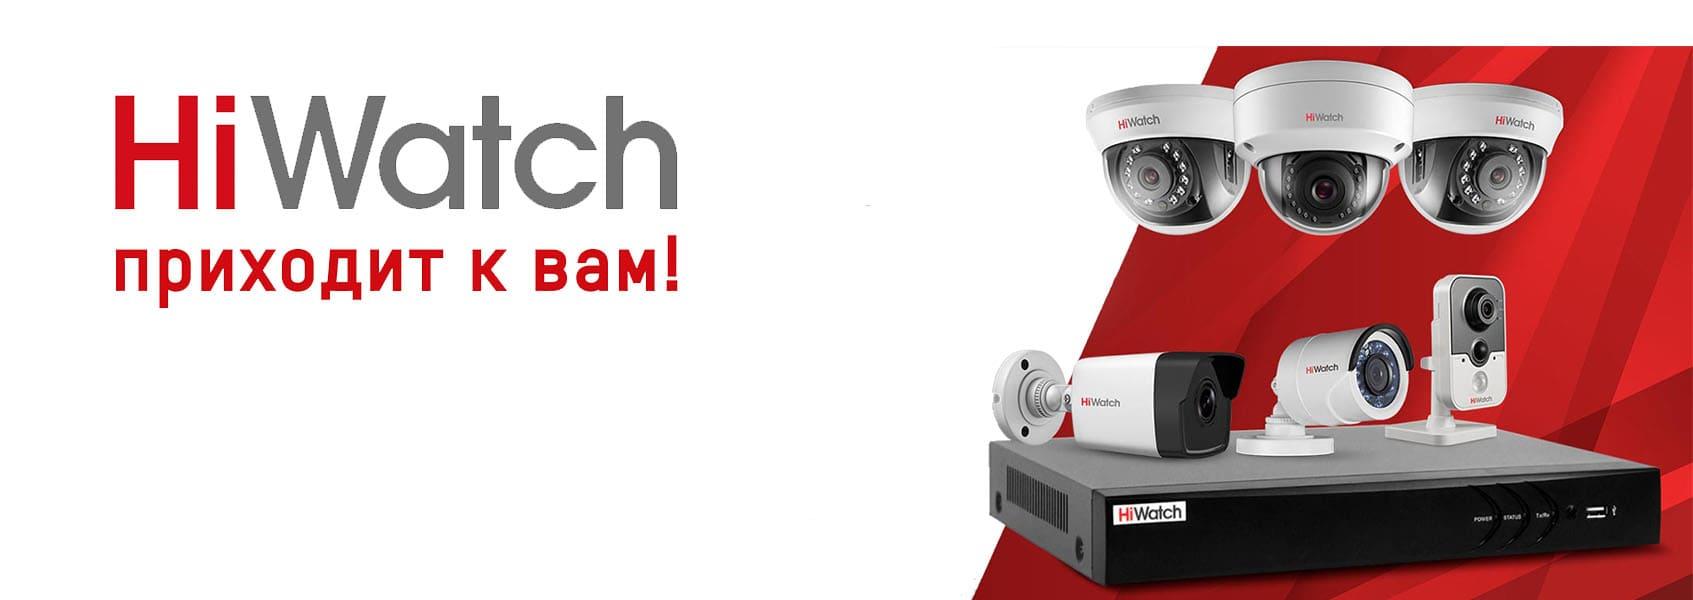 HiWatch - Революционно новая линейка в сфере систем безопасности